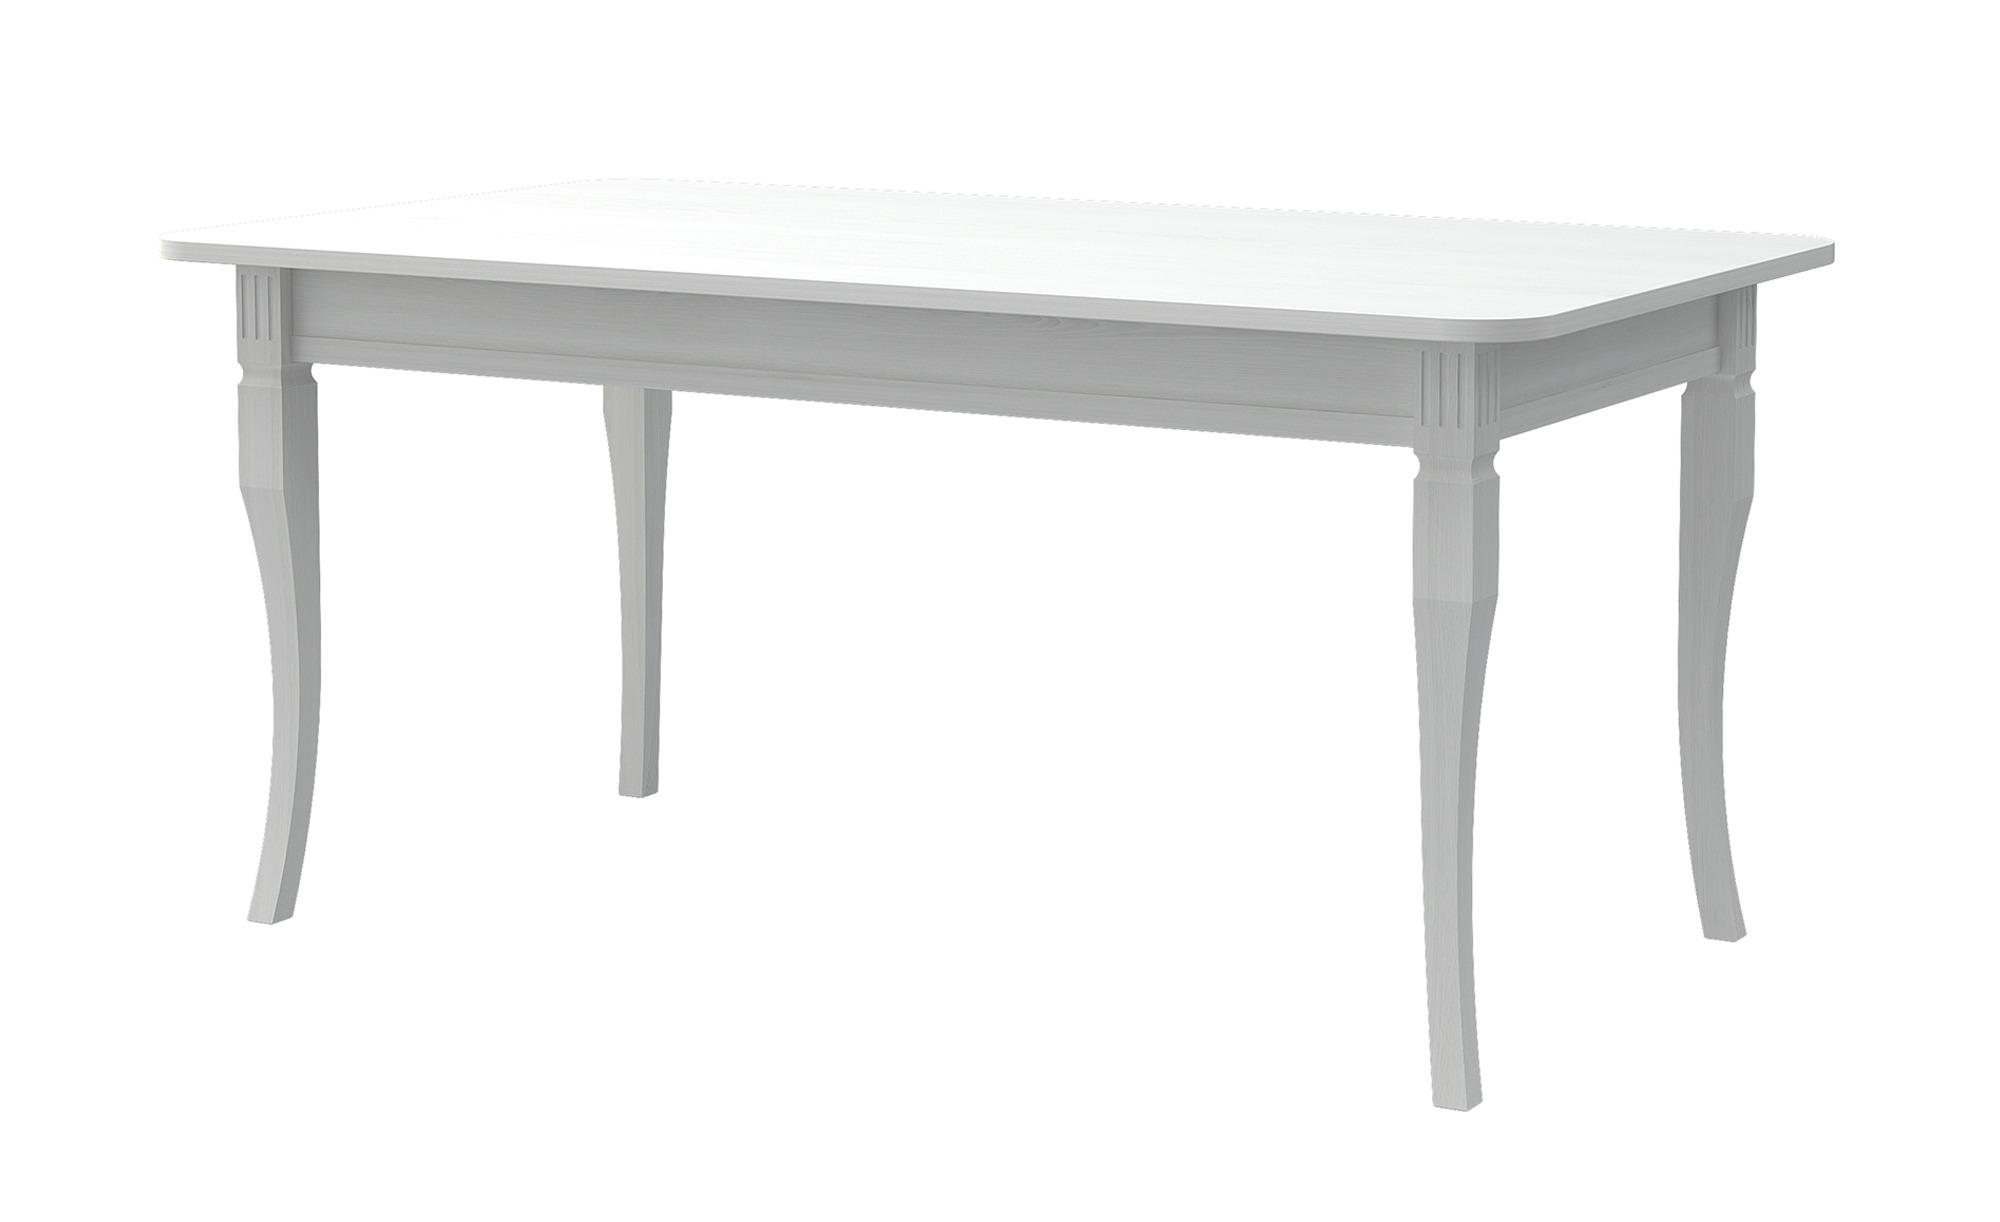 Esstisch  Monteux ¦ weiß ¦ Maße (cm): B: 90 H: 74,8 Tische > Esstische > Esstische ausziehbar - Höffner